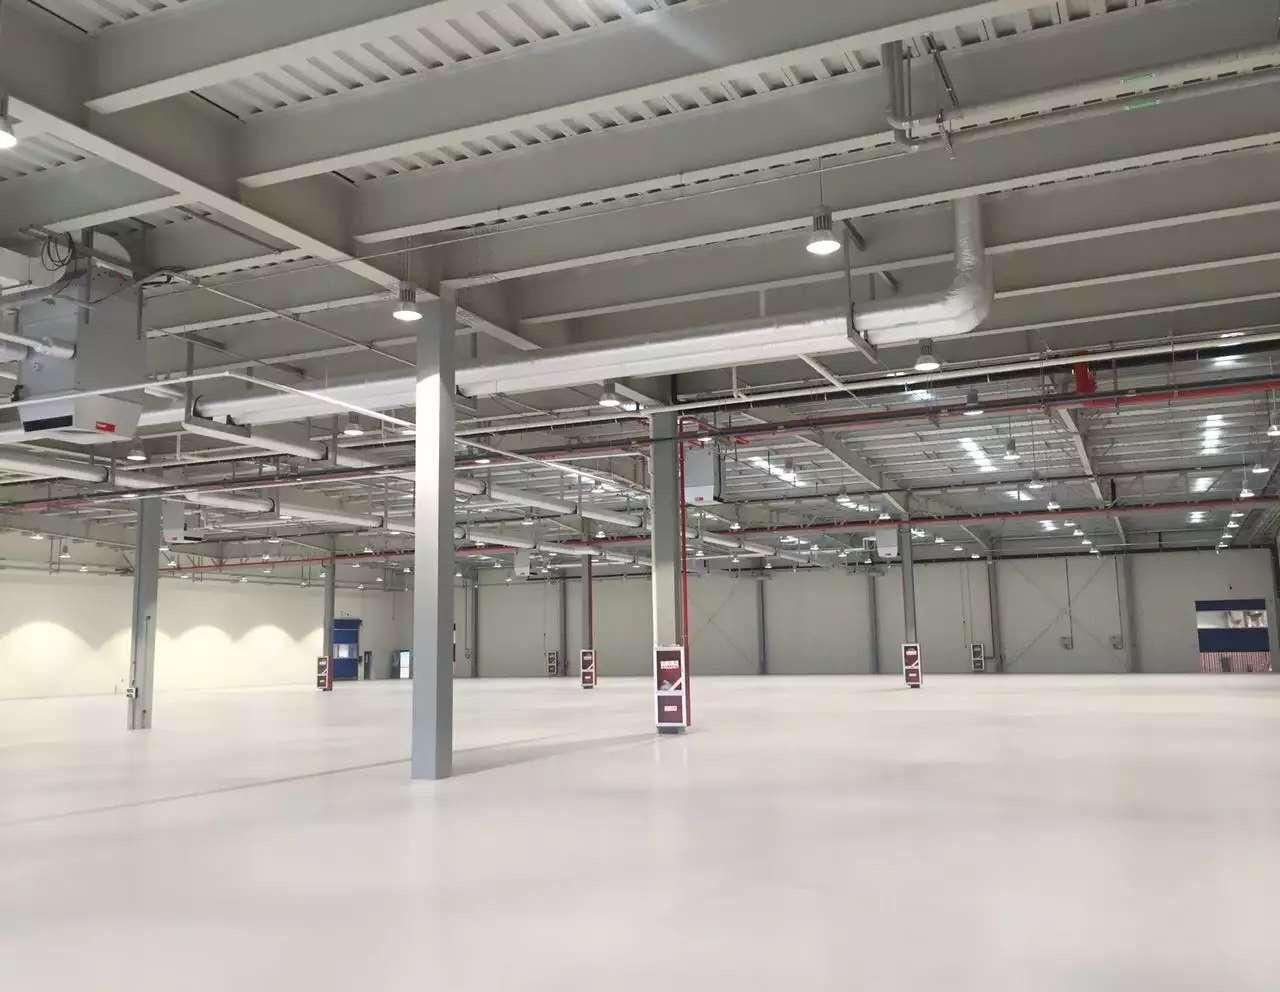 2015年11月德国thyssenkrupp蒂森克虏伯(常州)工厂项目顺利完工,交付